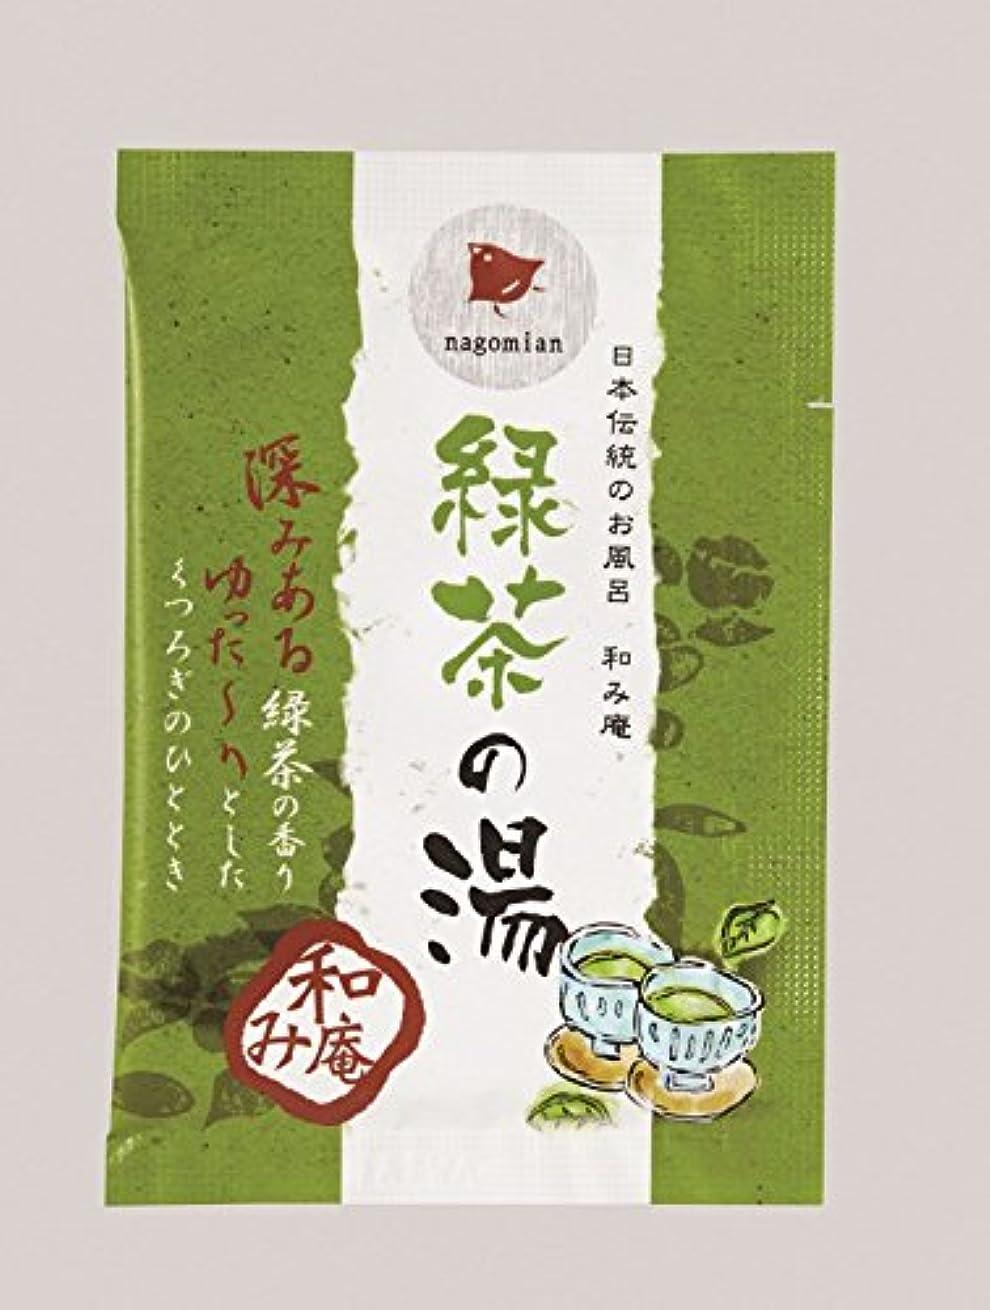 イブニング登山家居心地の良い入浴剤 和み庵(緑茶の湯)25g ケース 800個入り